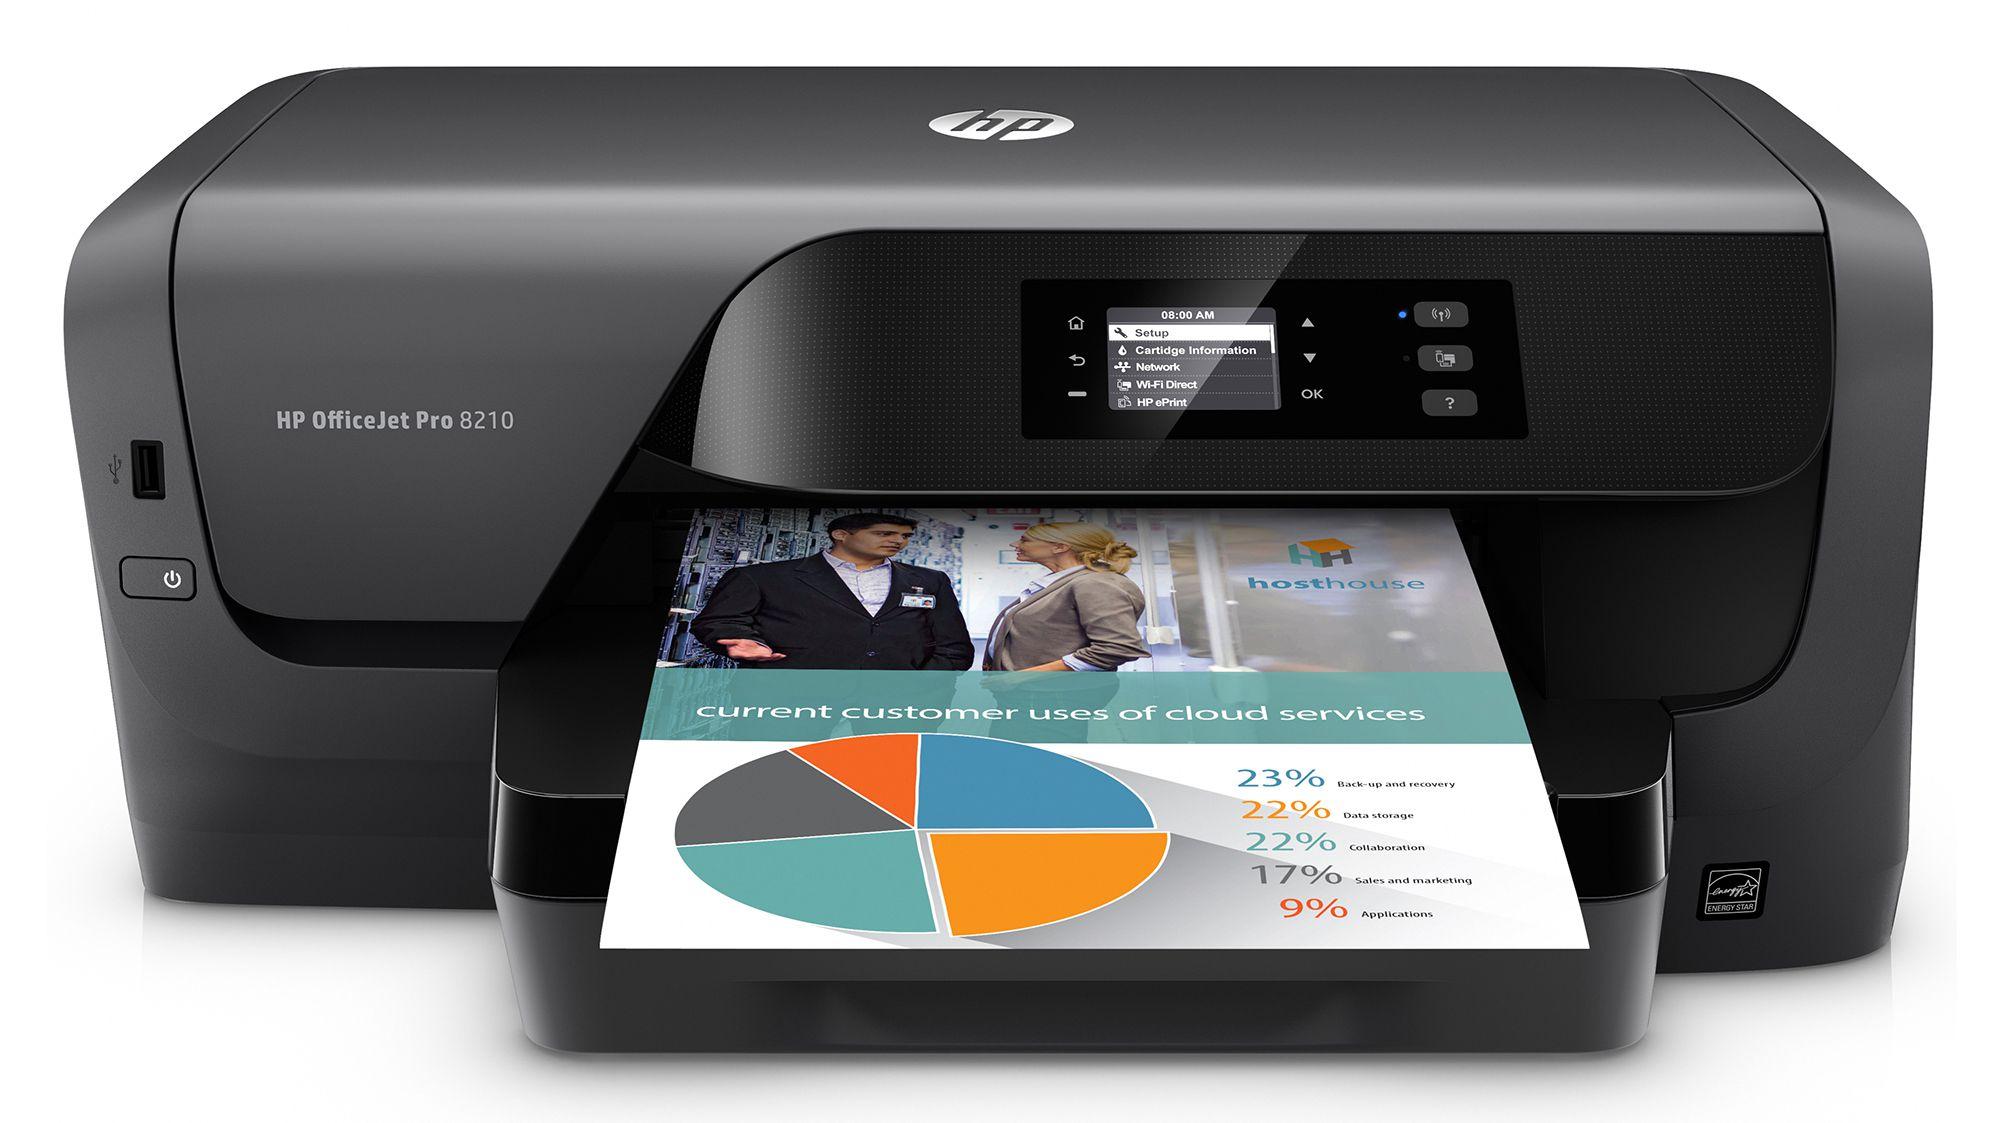 hp 39 s officejet pro 8210 single function inkjet printer. Black Bedroom Furniture Sets. Home Design Ideas